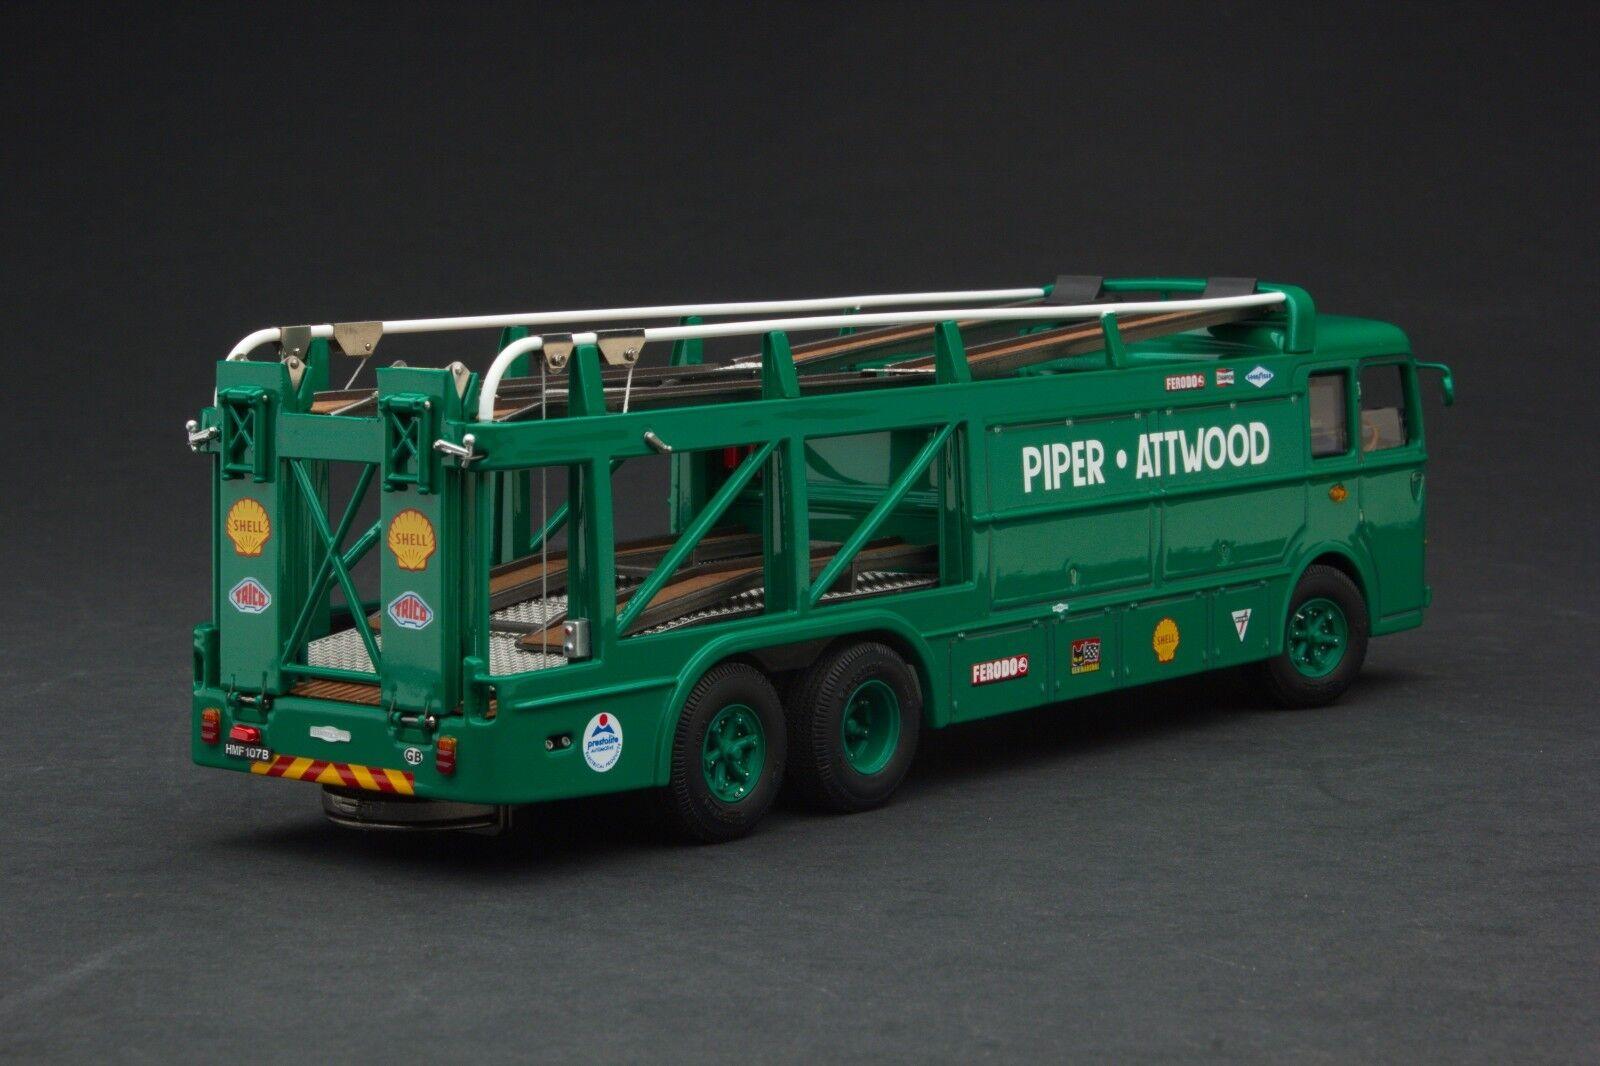 Exoto   Piper-Attwood   le Mans Bartoletti 306 2 Transporter   1 43 Exo00038